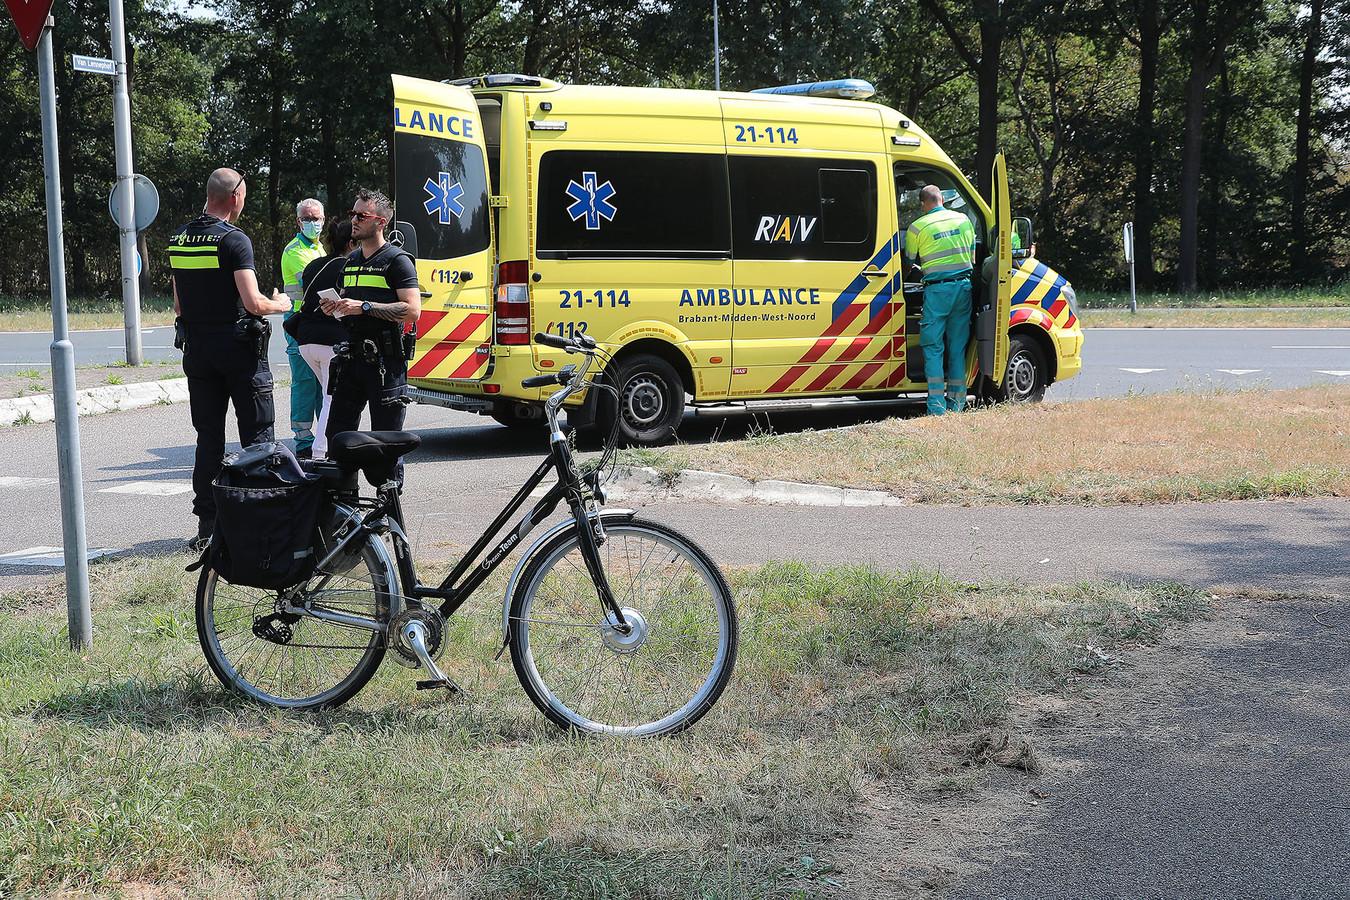 Bij een ongeval op de Ruwaardsingel in Oss raakte en fietser gewond.